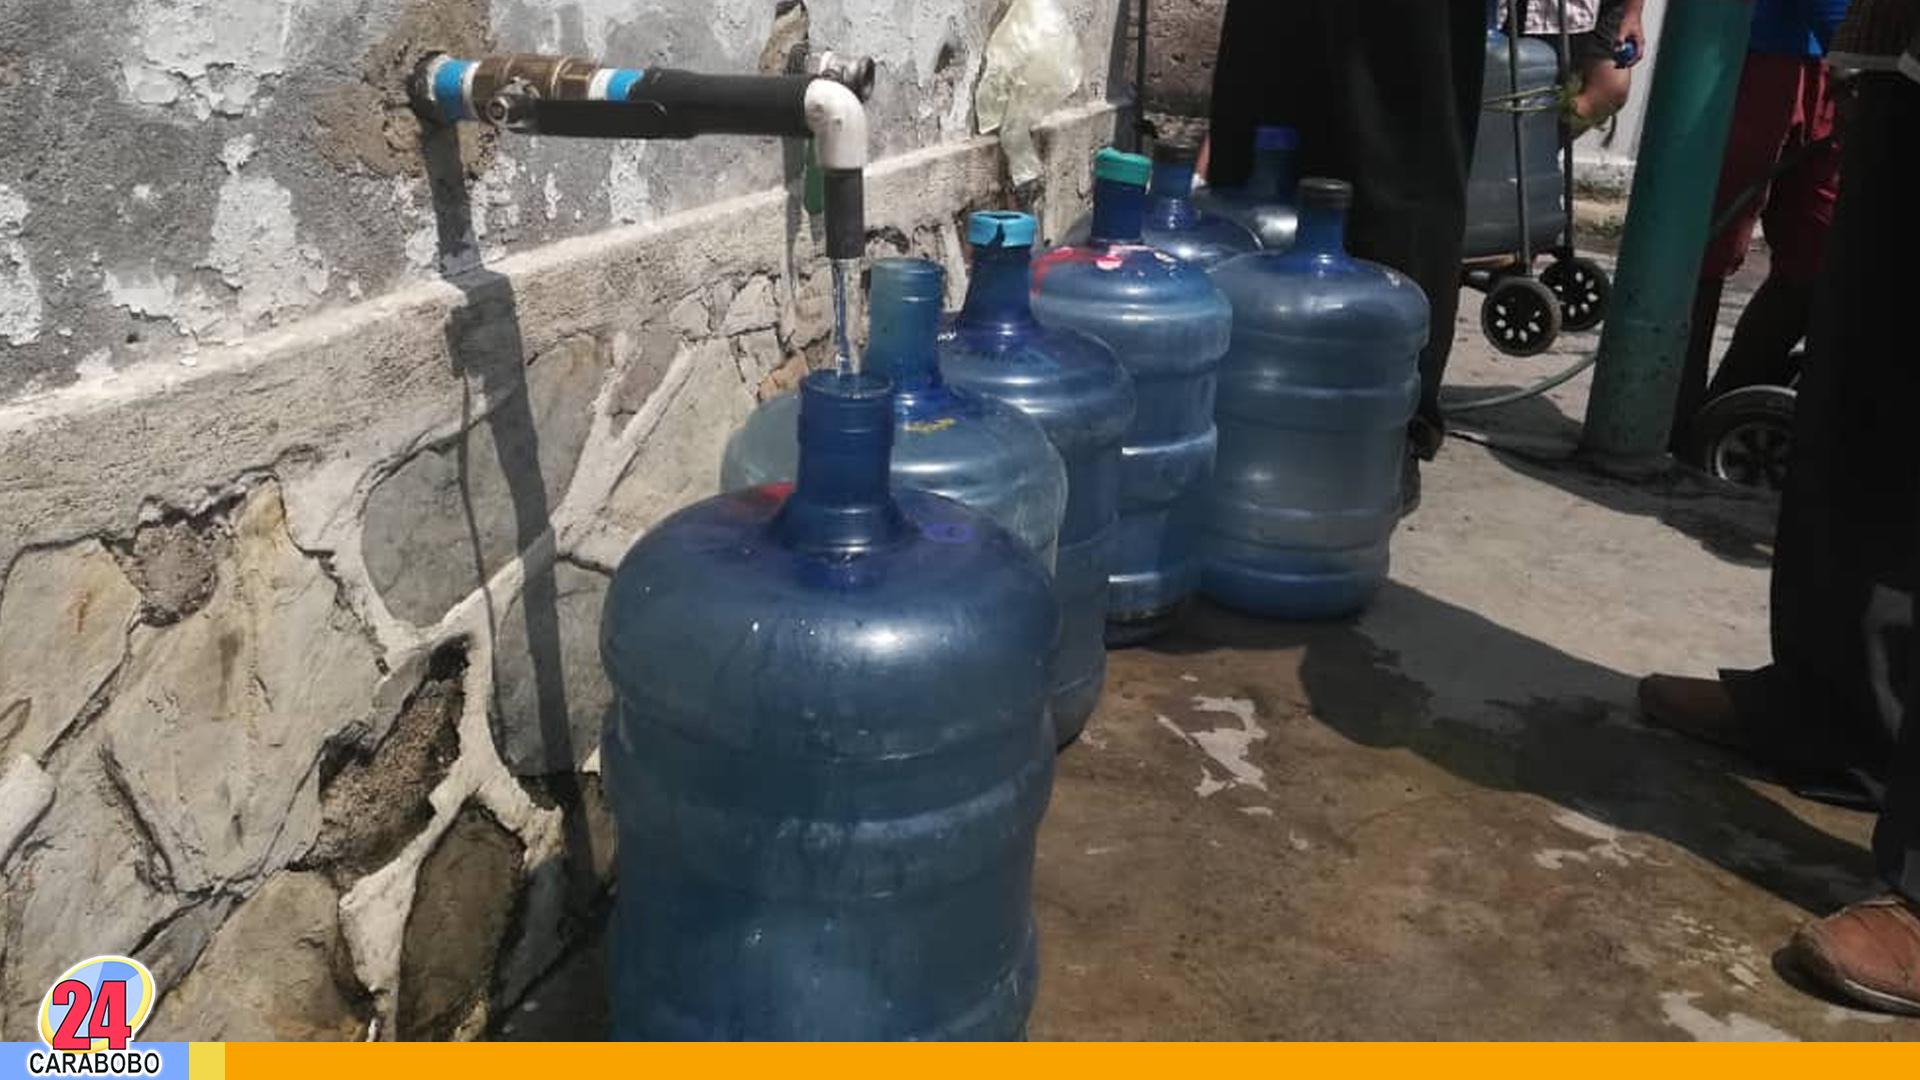 Agua y apagones en Carabobo - Agua y apagones en Carabobo